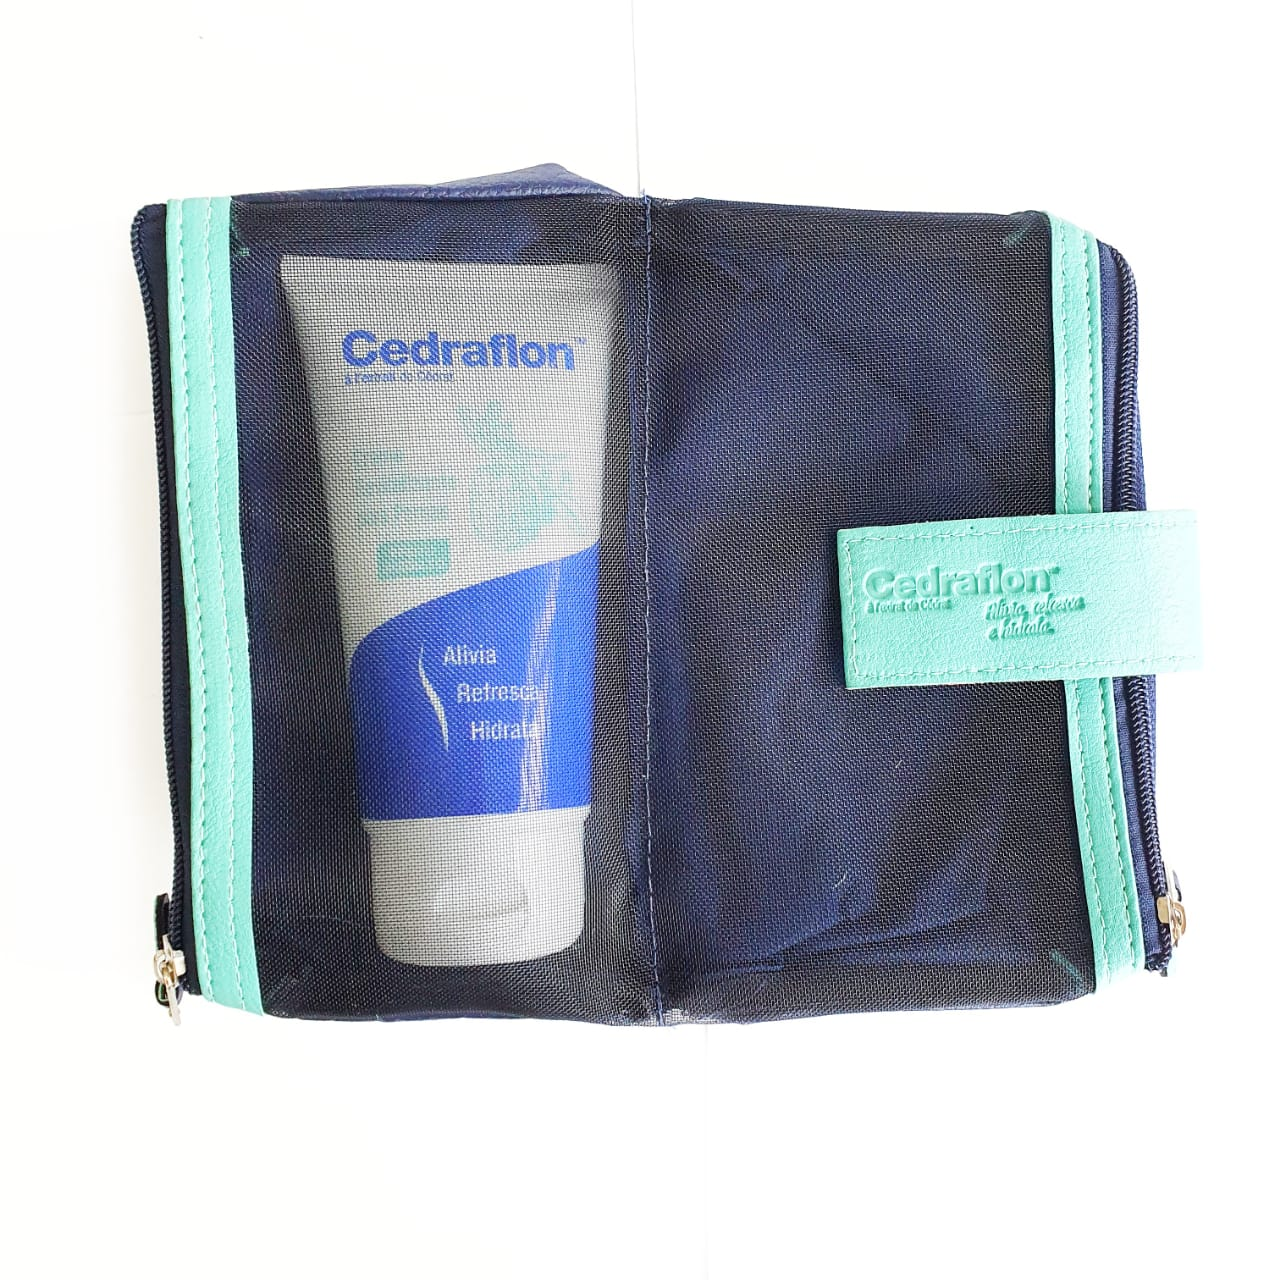 Cedraflon - Creme Para as Pernas - 150 ml + Necessaire de Maquiagem exclusiva  - Diabetes On - Vendido e Entregue por Diabetic Center